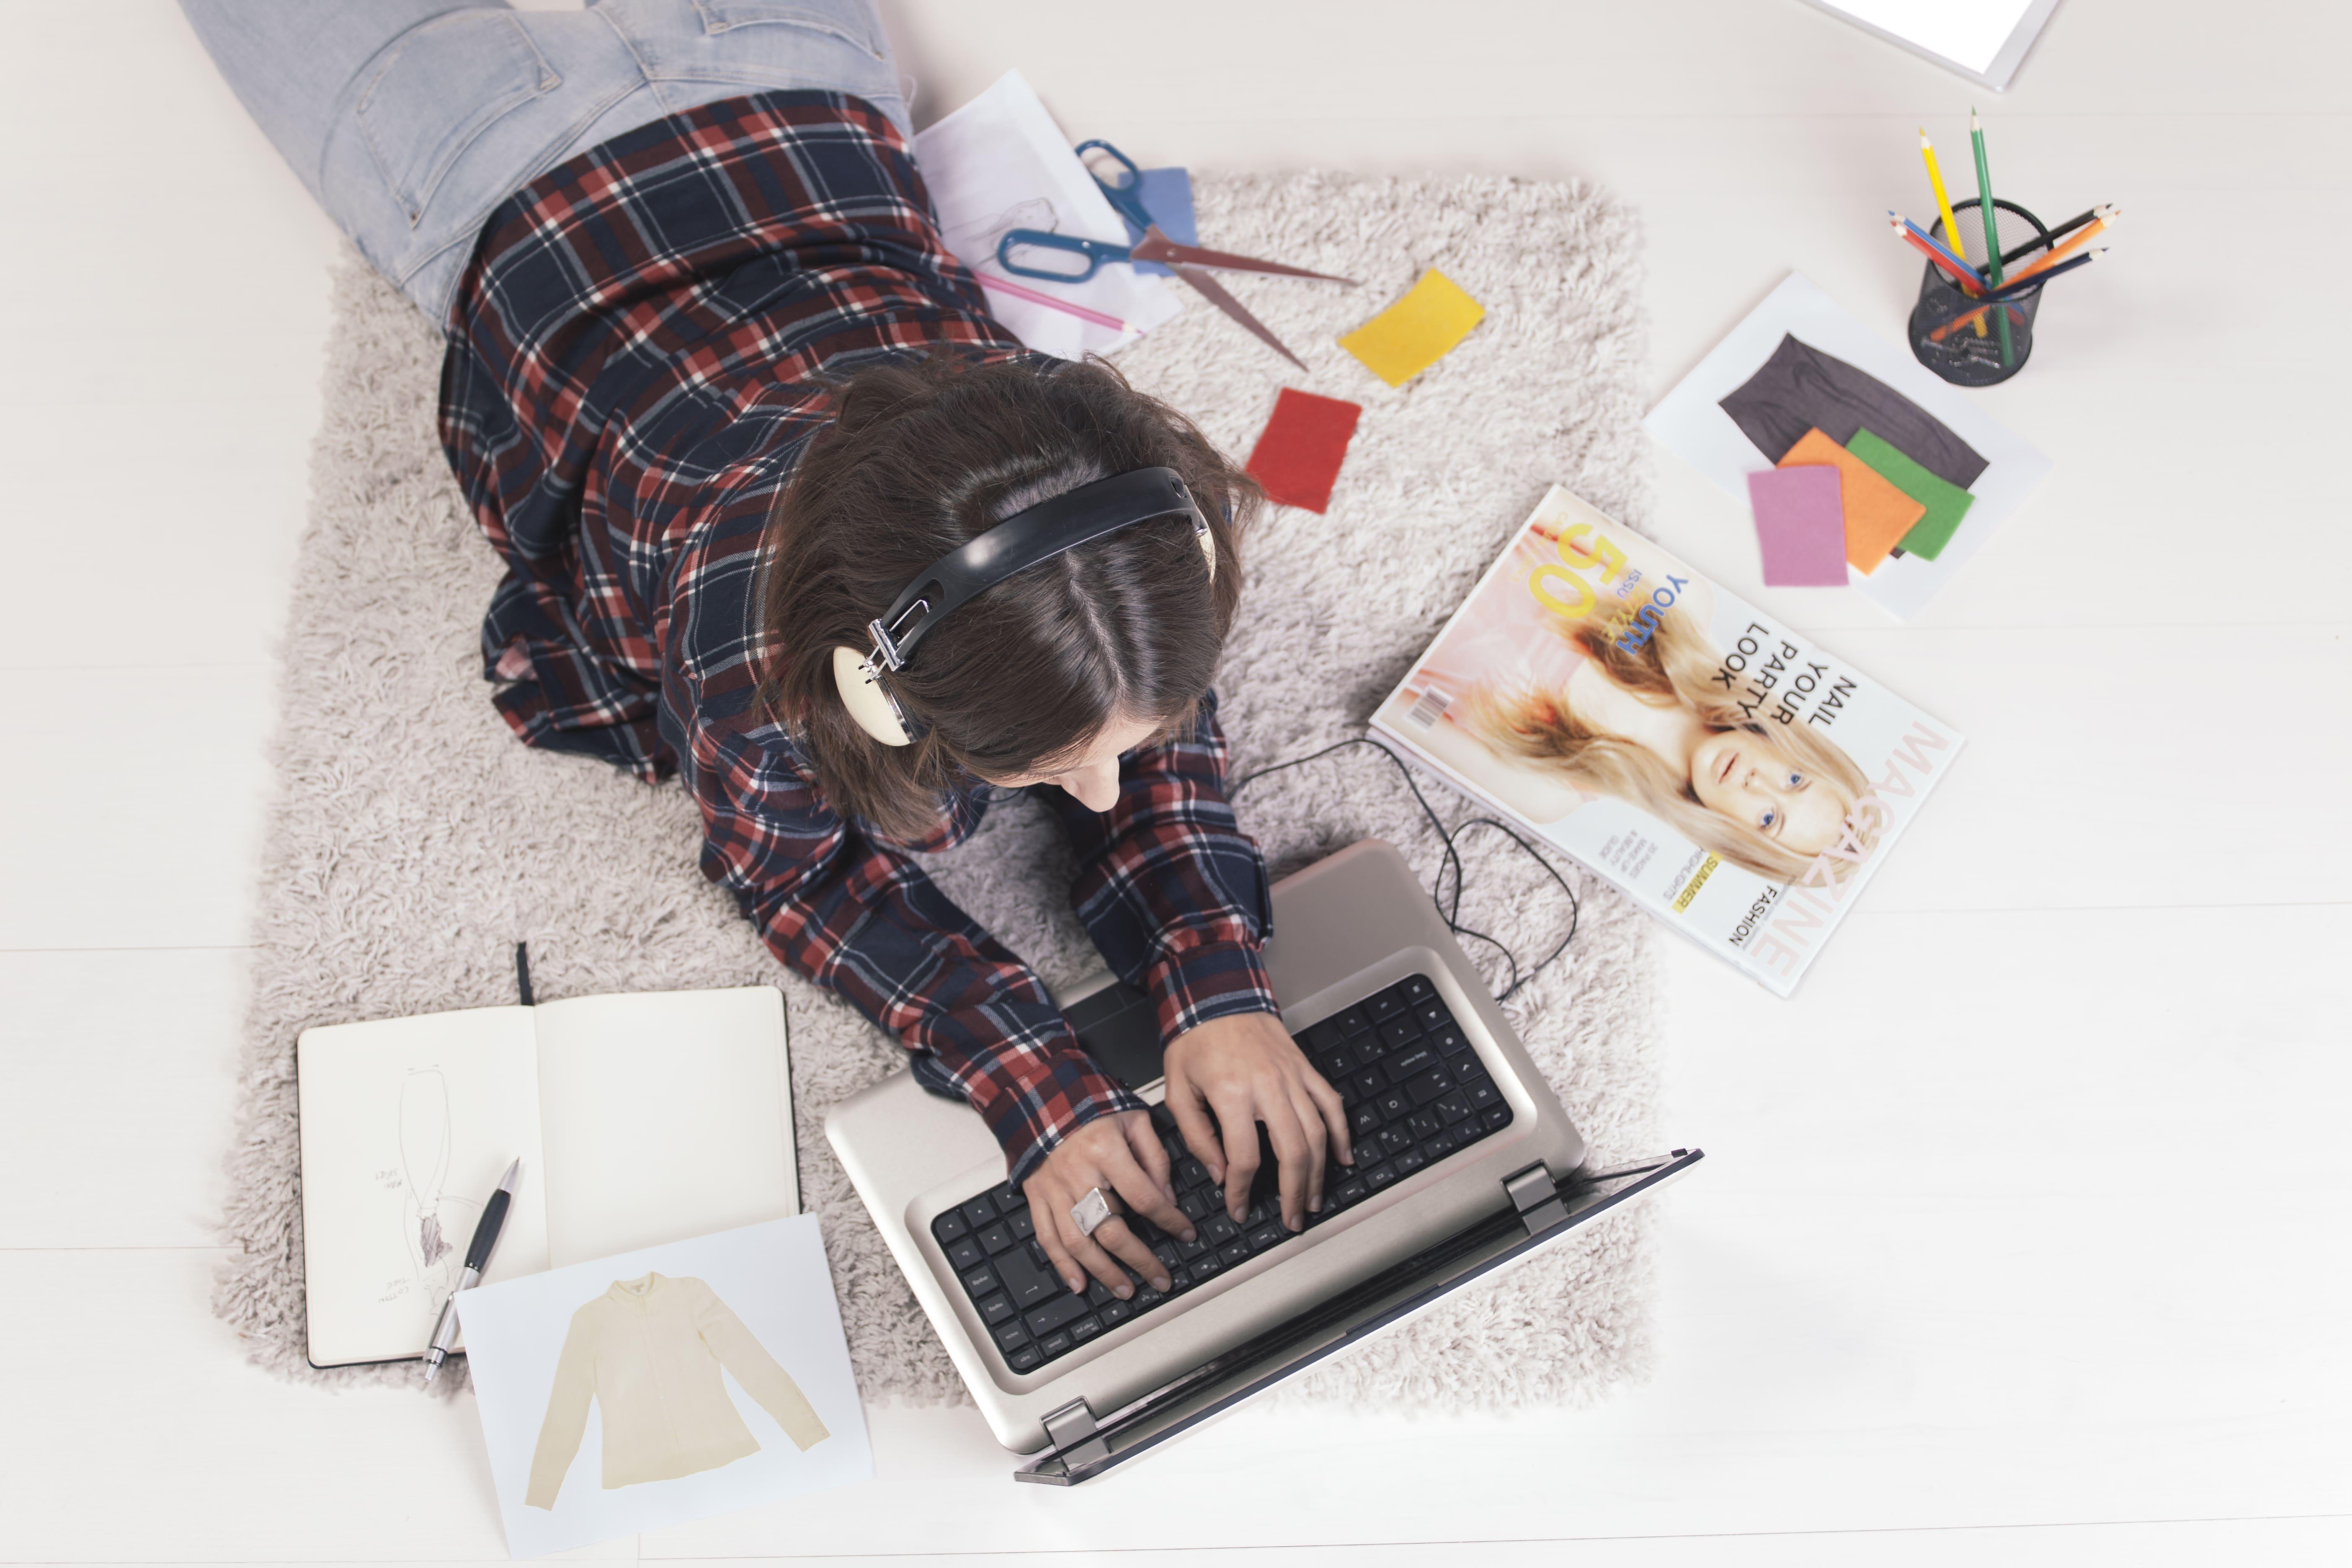 Imagem de uma profissonal pesquisando referências na internet para montar um serviço de personal stylist